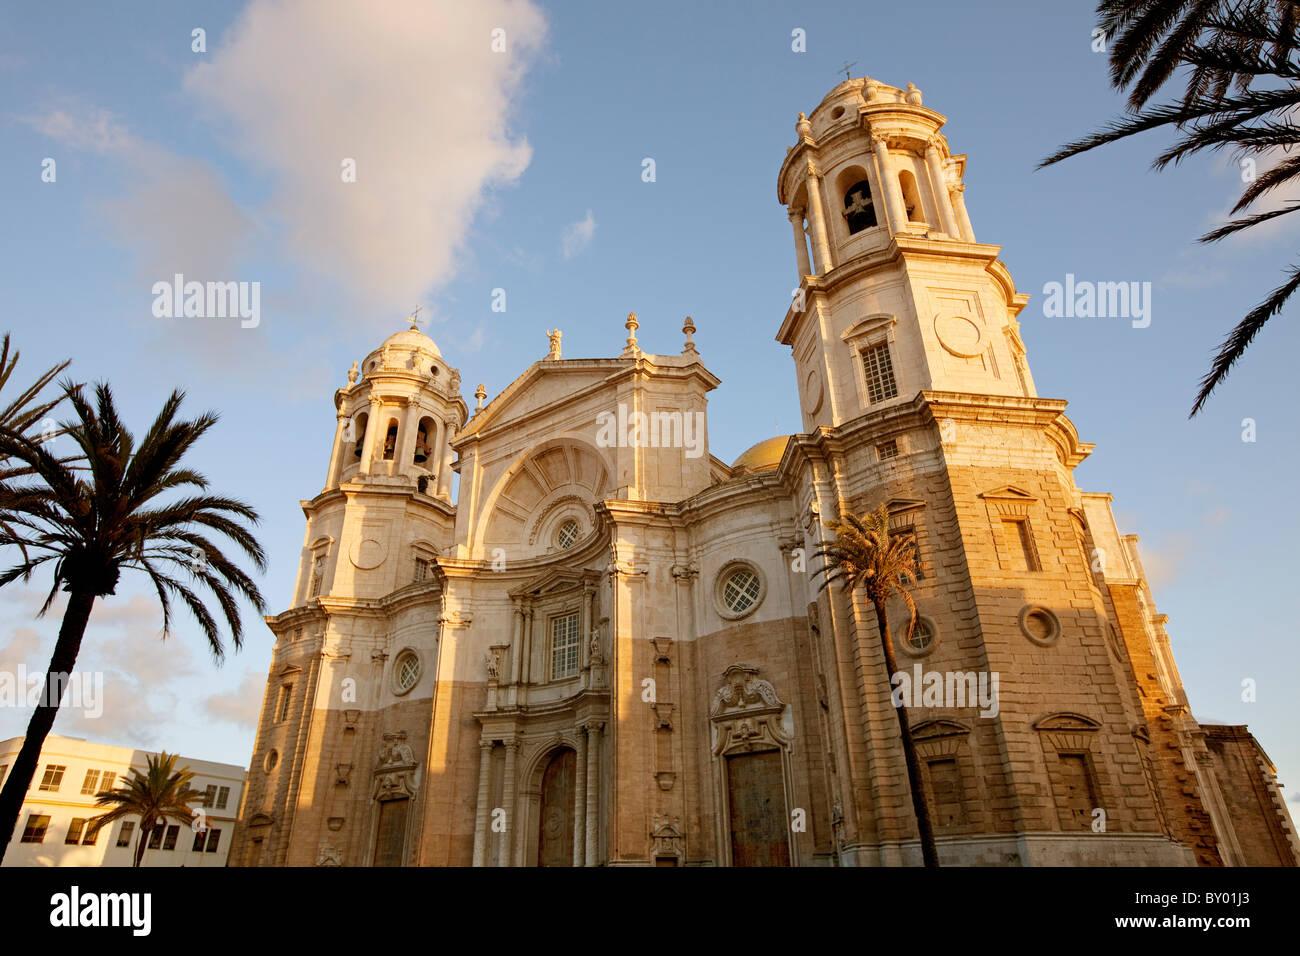 Catedral Cádiz Andalucía España Cadiz Andalusia Spain cathedral - Stock Image